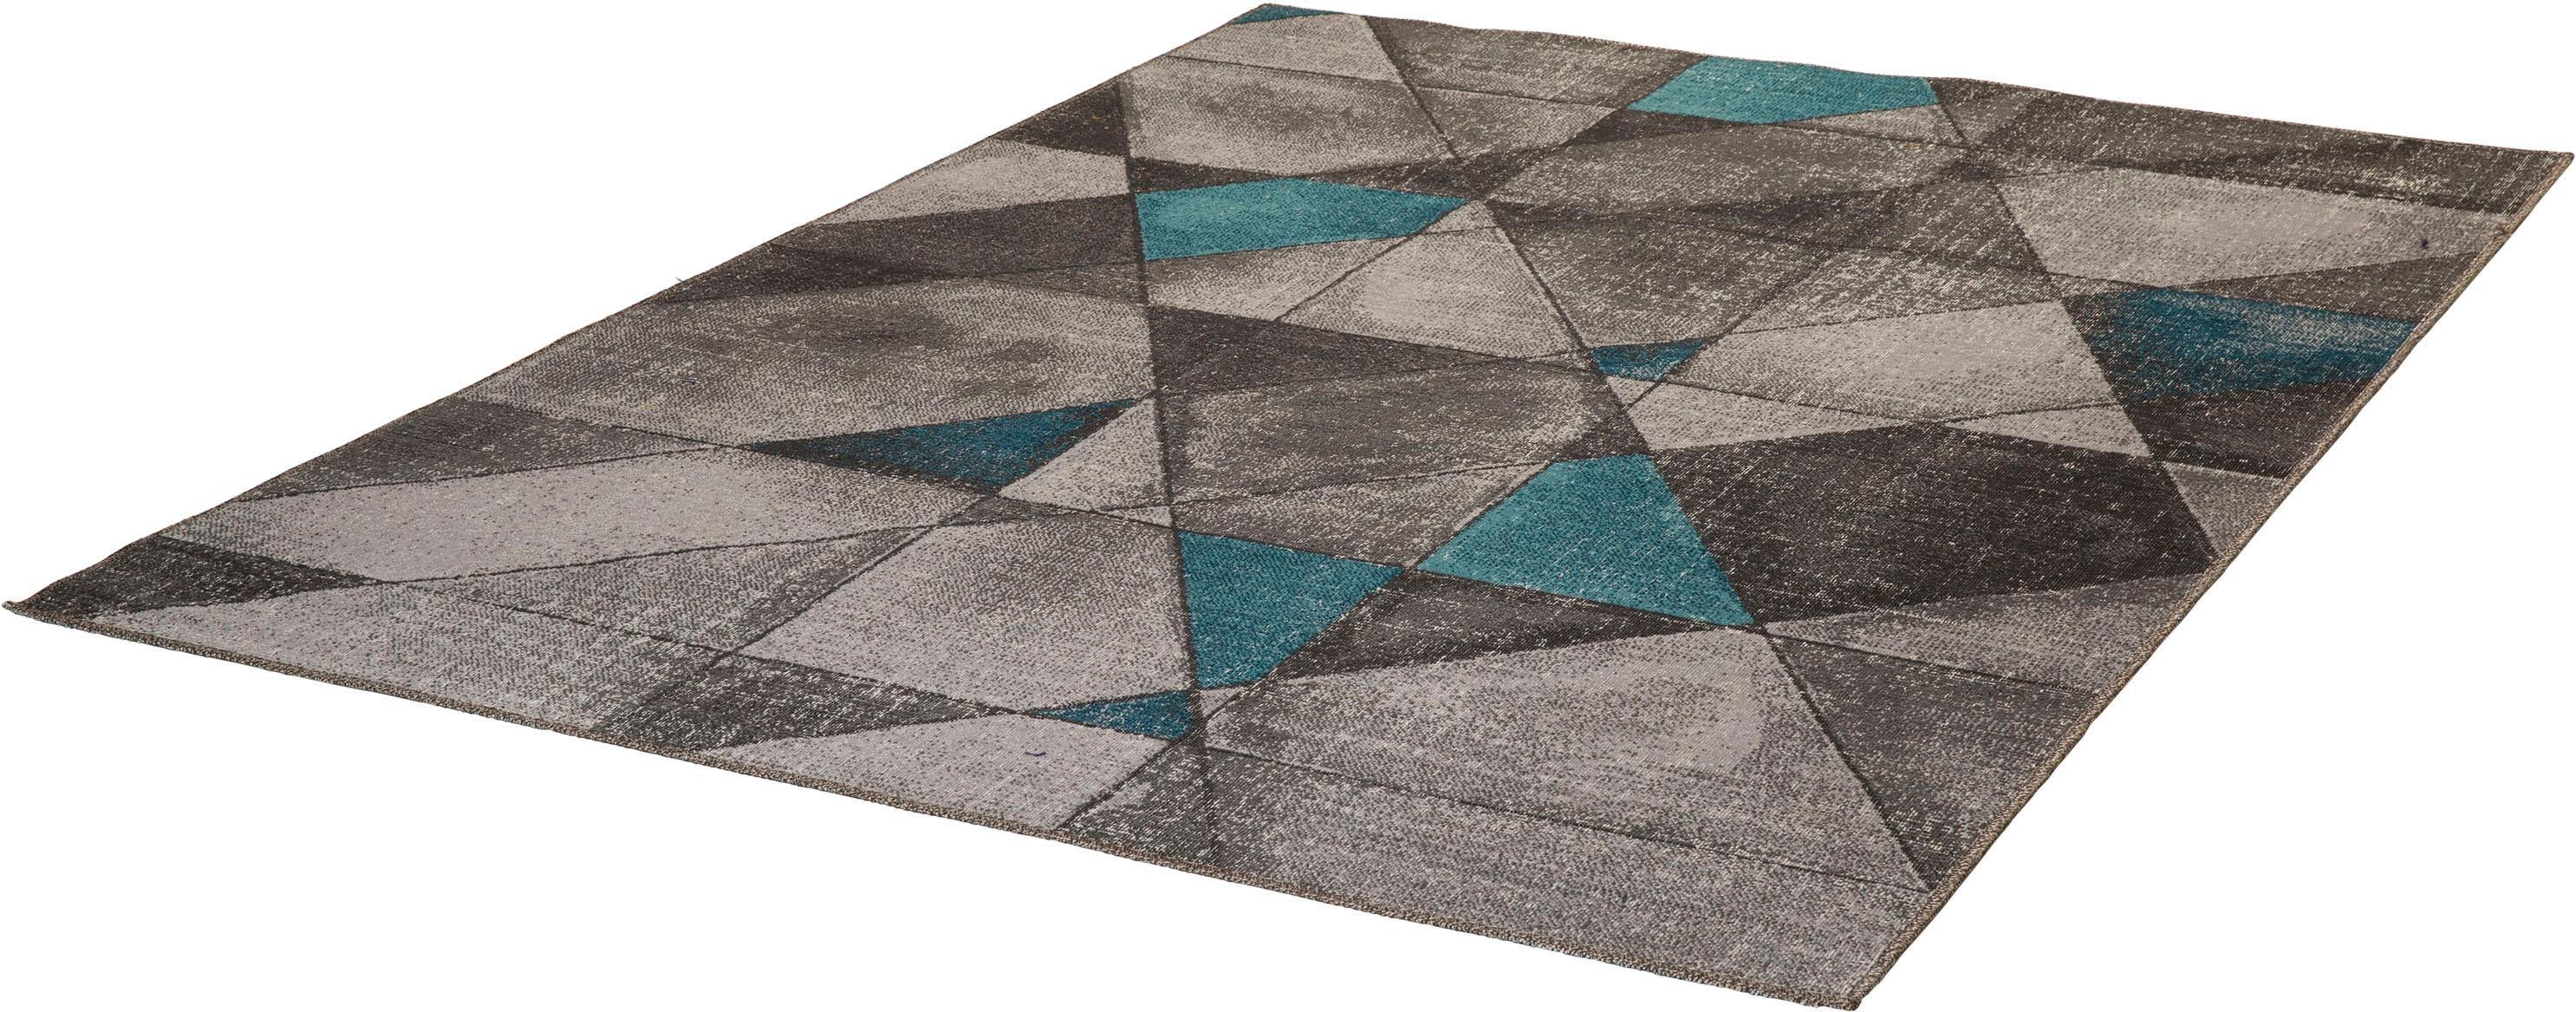 Teppich My Tilas 245 Obsession rechteckig Höhe 8 mm maschinell gewebt